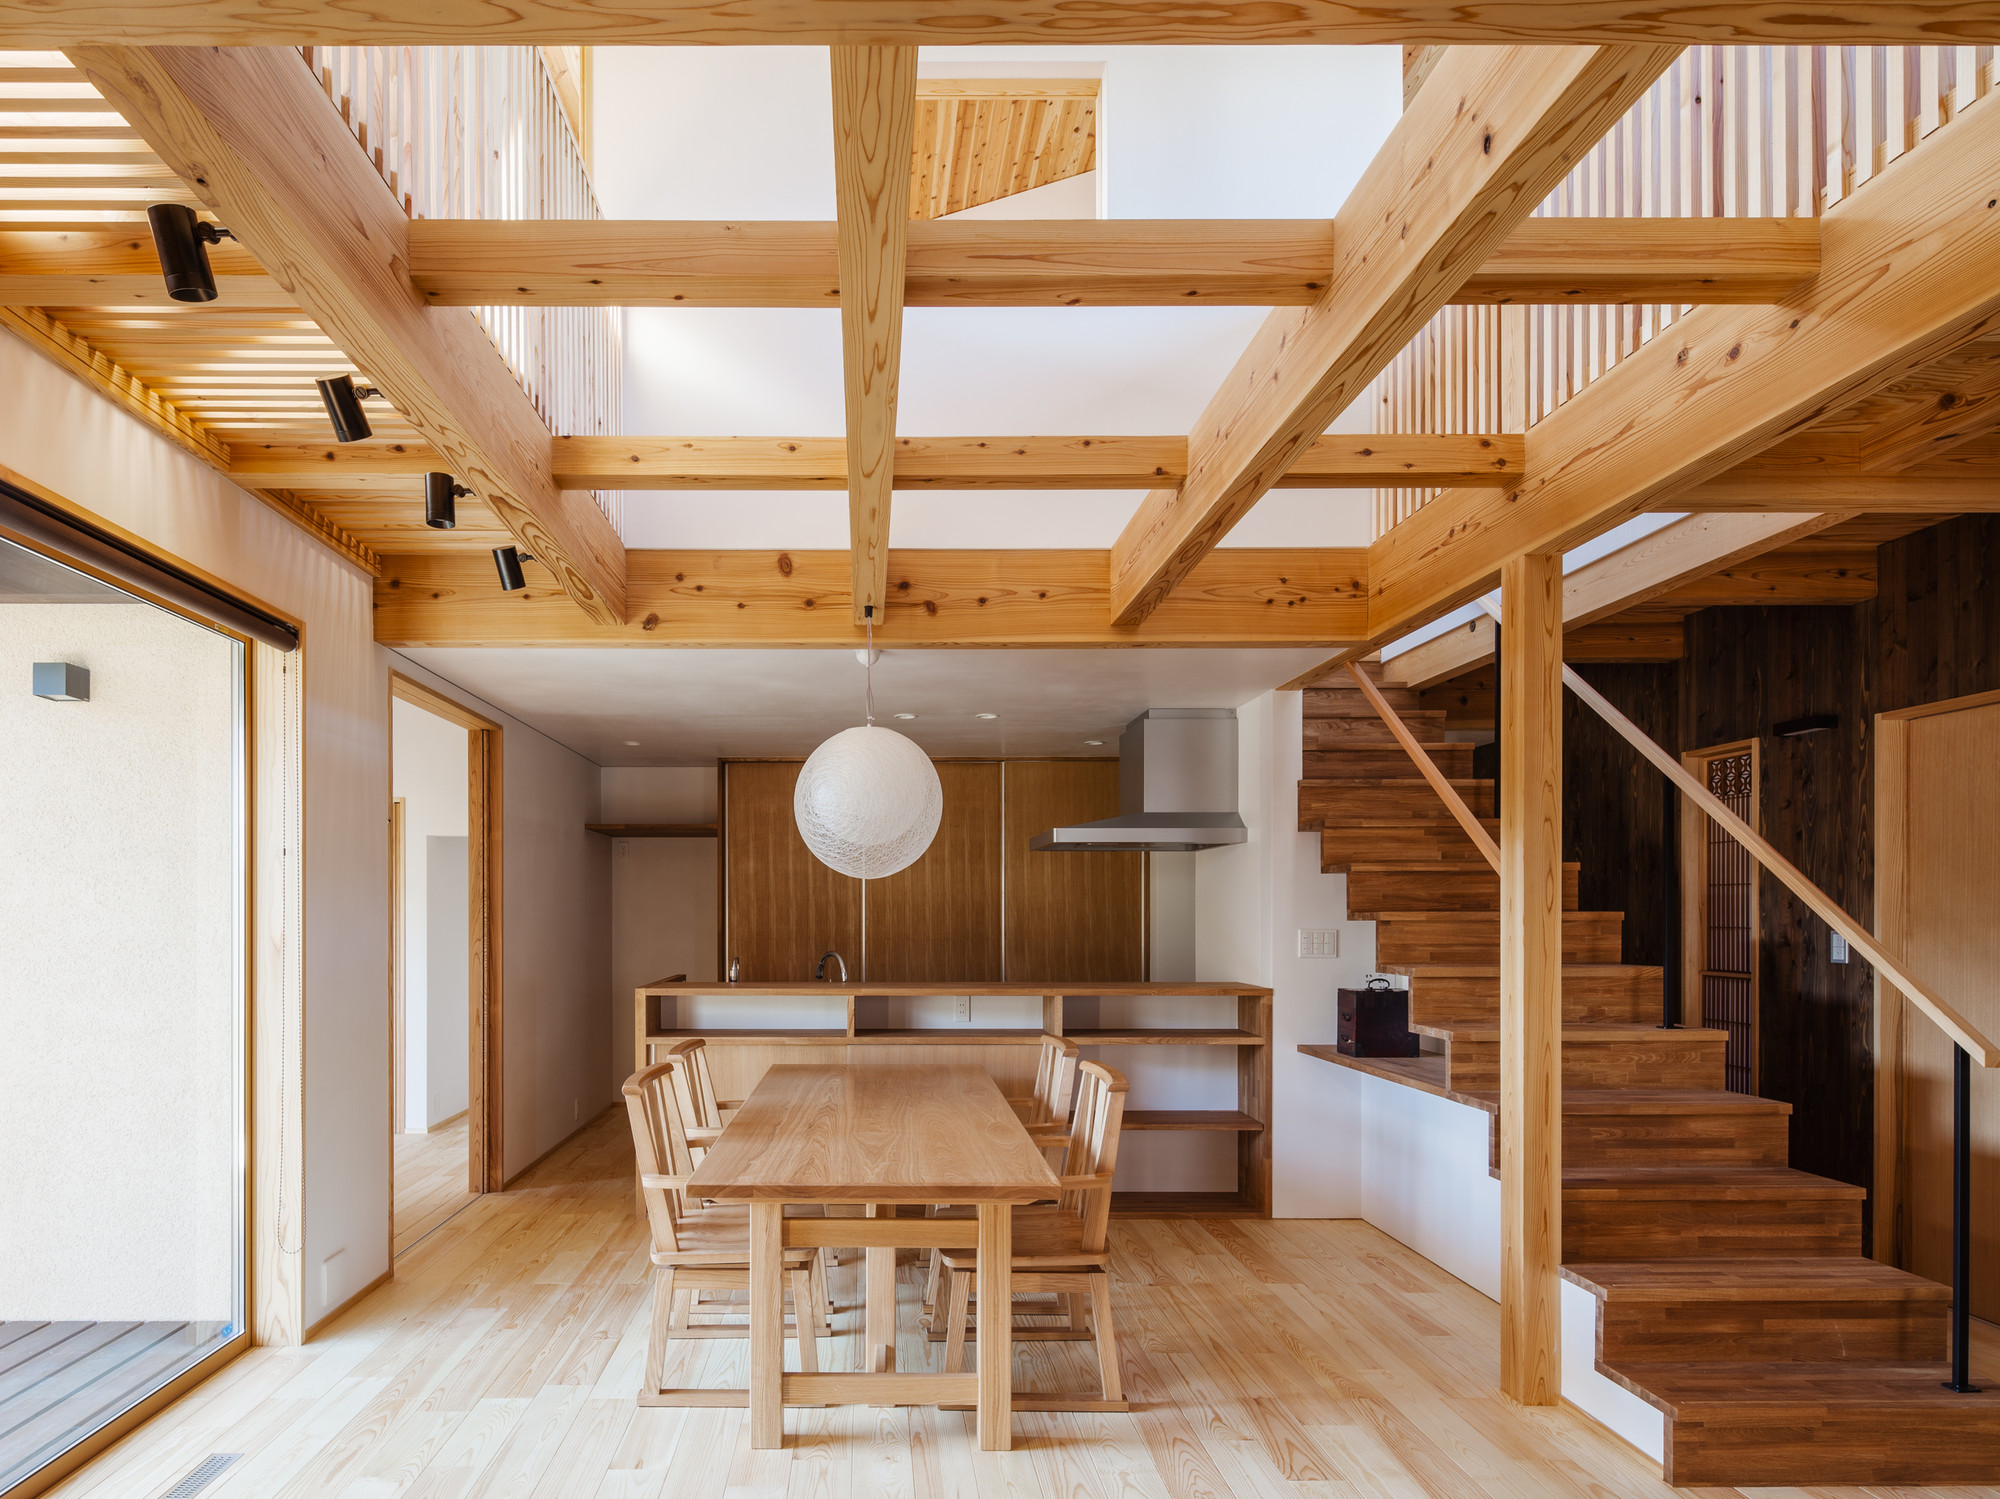 Cocoon House / Studio Aula, © Ippei Shinzawa